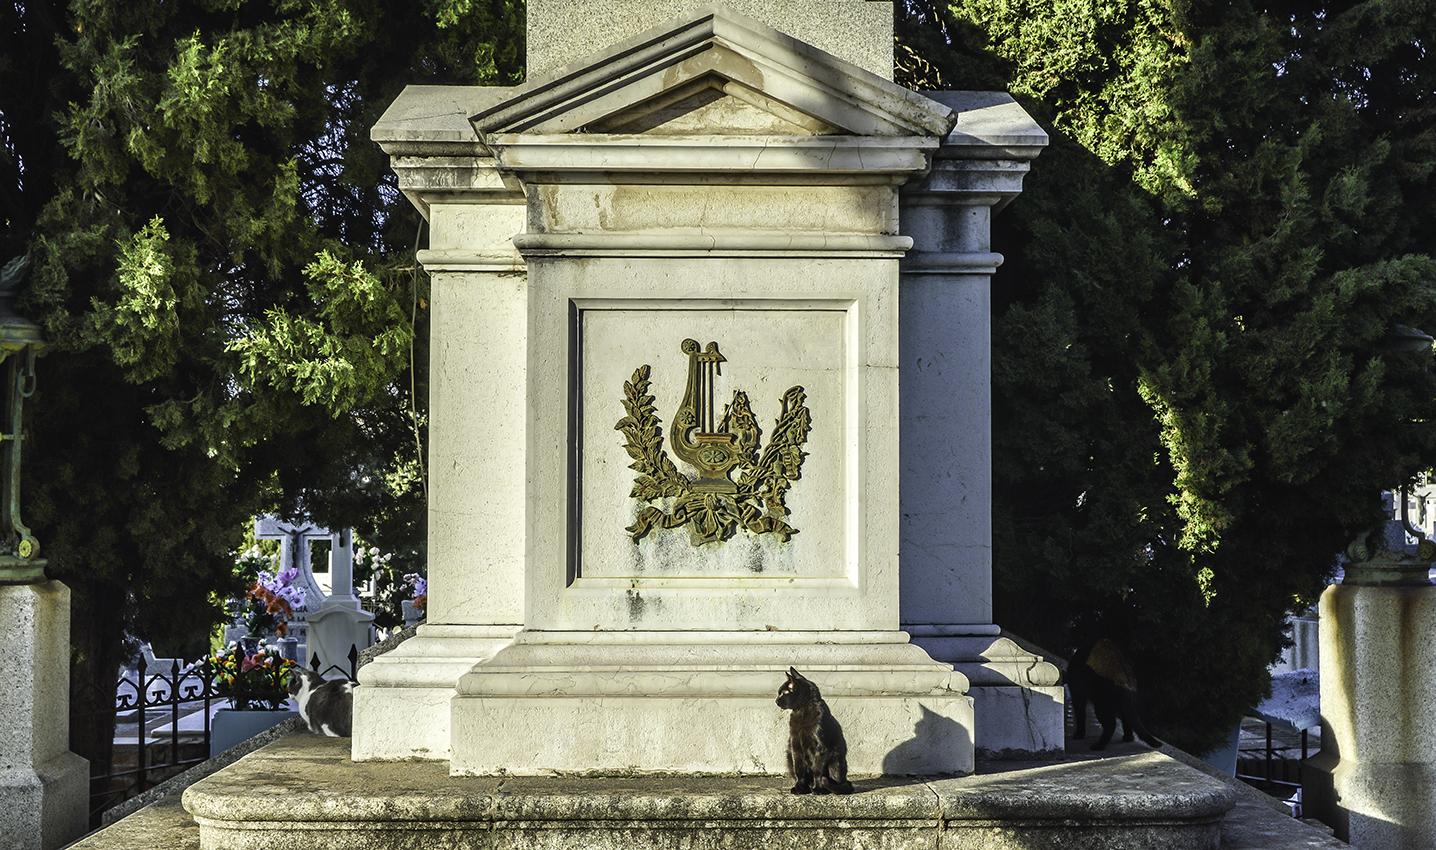 Basa del Mausoleo de Carmen Baños, hija de Gabriel Melitón Baños, en el Cementerio Municipal de Toledo. Fotografía: Jose María Gutiérrez Arias. Sección Vivienda, Consorcio de la Ciudad de Toledo. Año 2018.